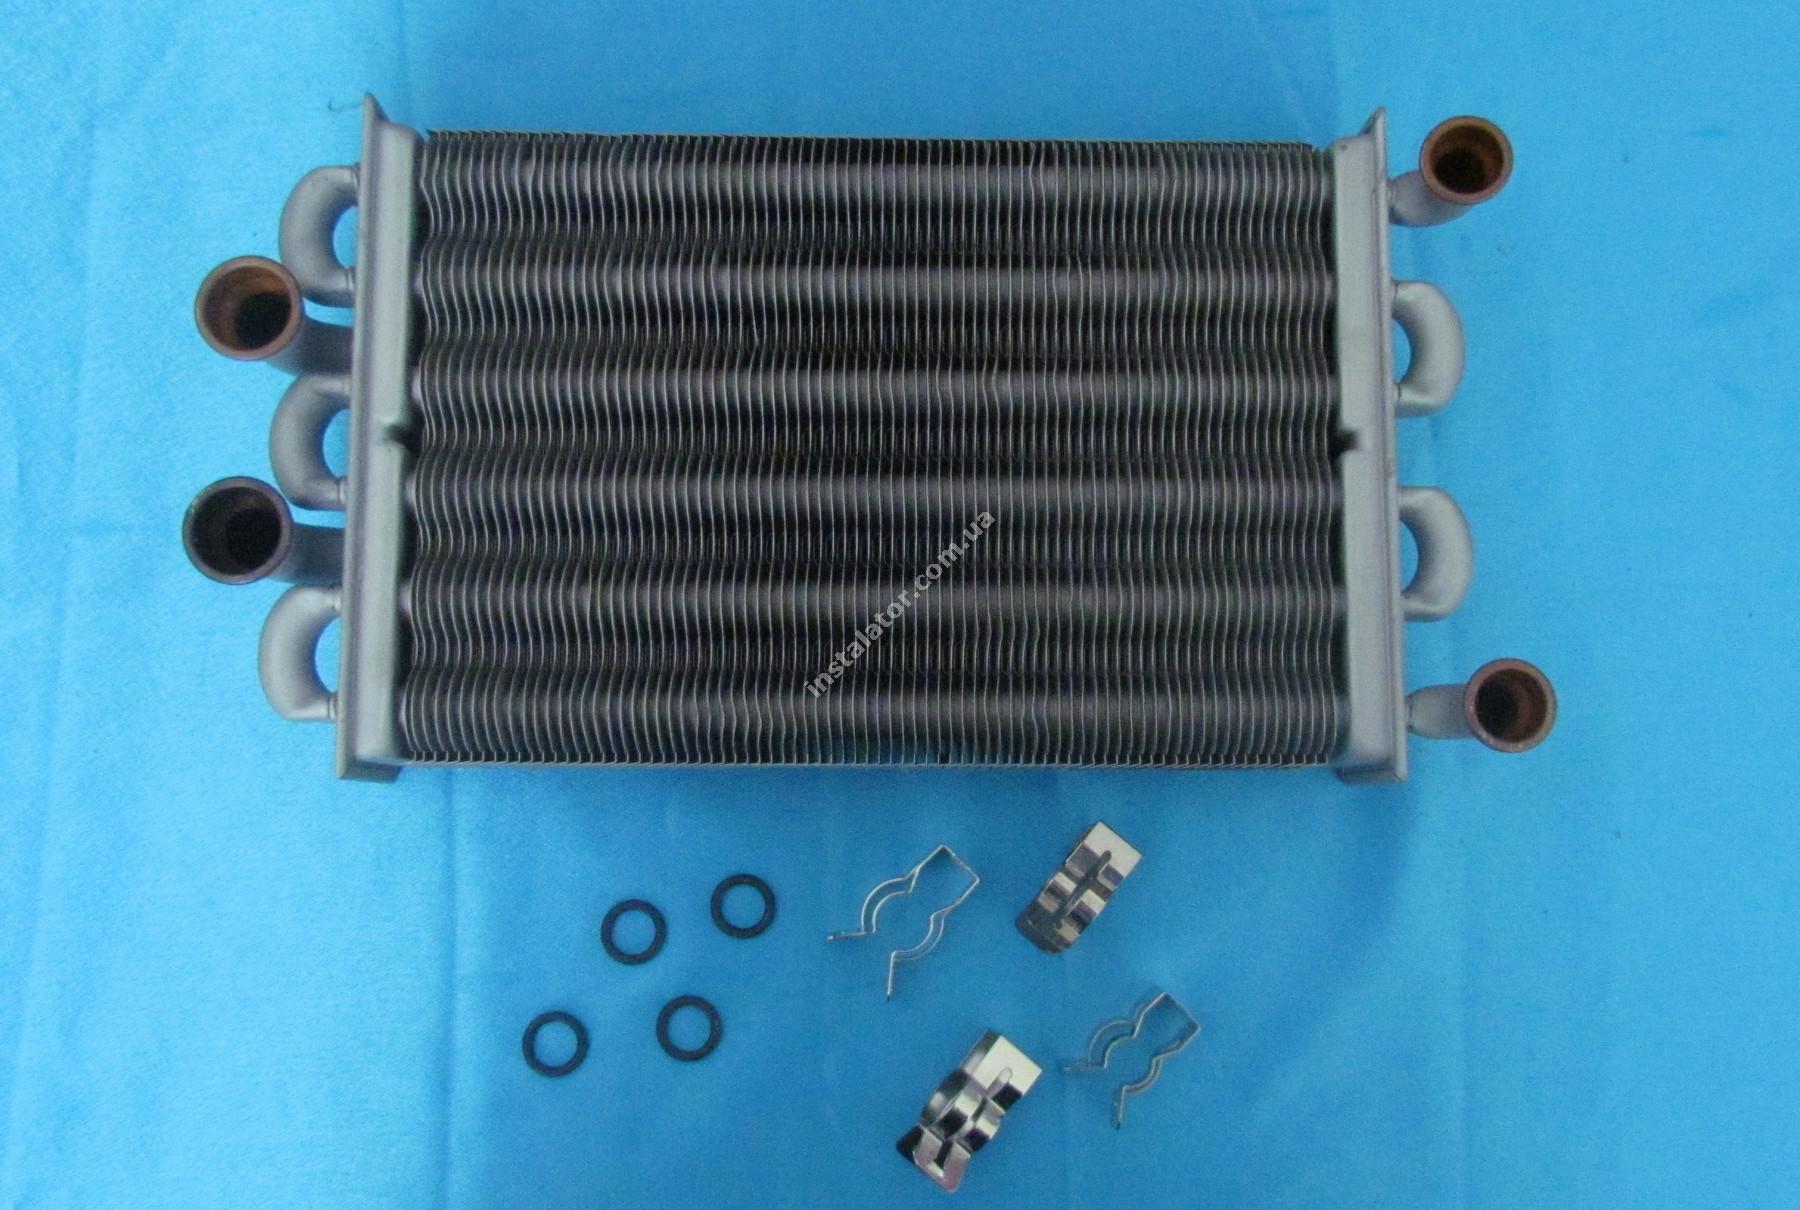 65105094 Теплообмінник бітермічний ARISTON Egis As до 2008р. full-image-2